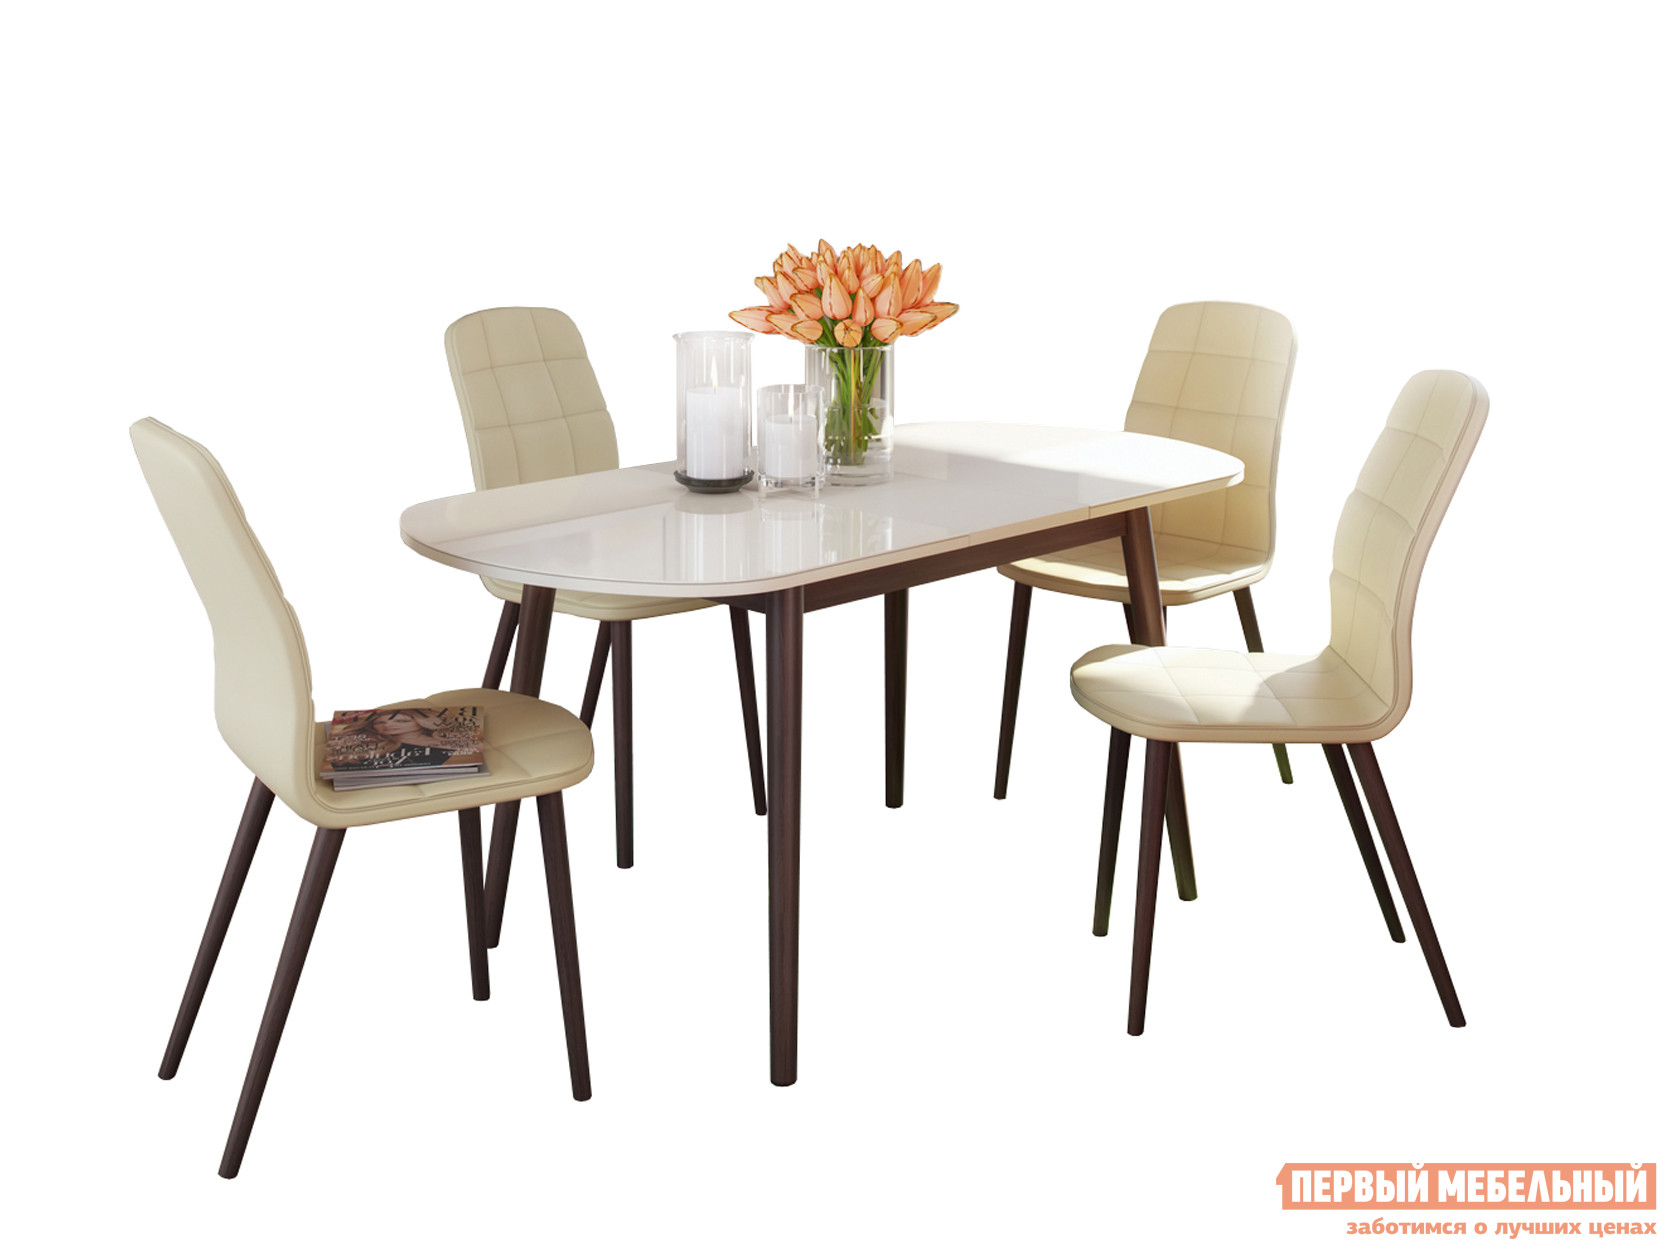 Обеденная группа для столовой и гостиной  Обеденная группа Акра Венге — Обеденная группа Акра Венге